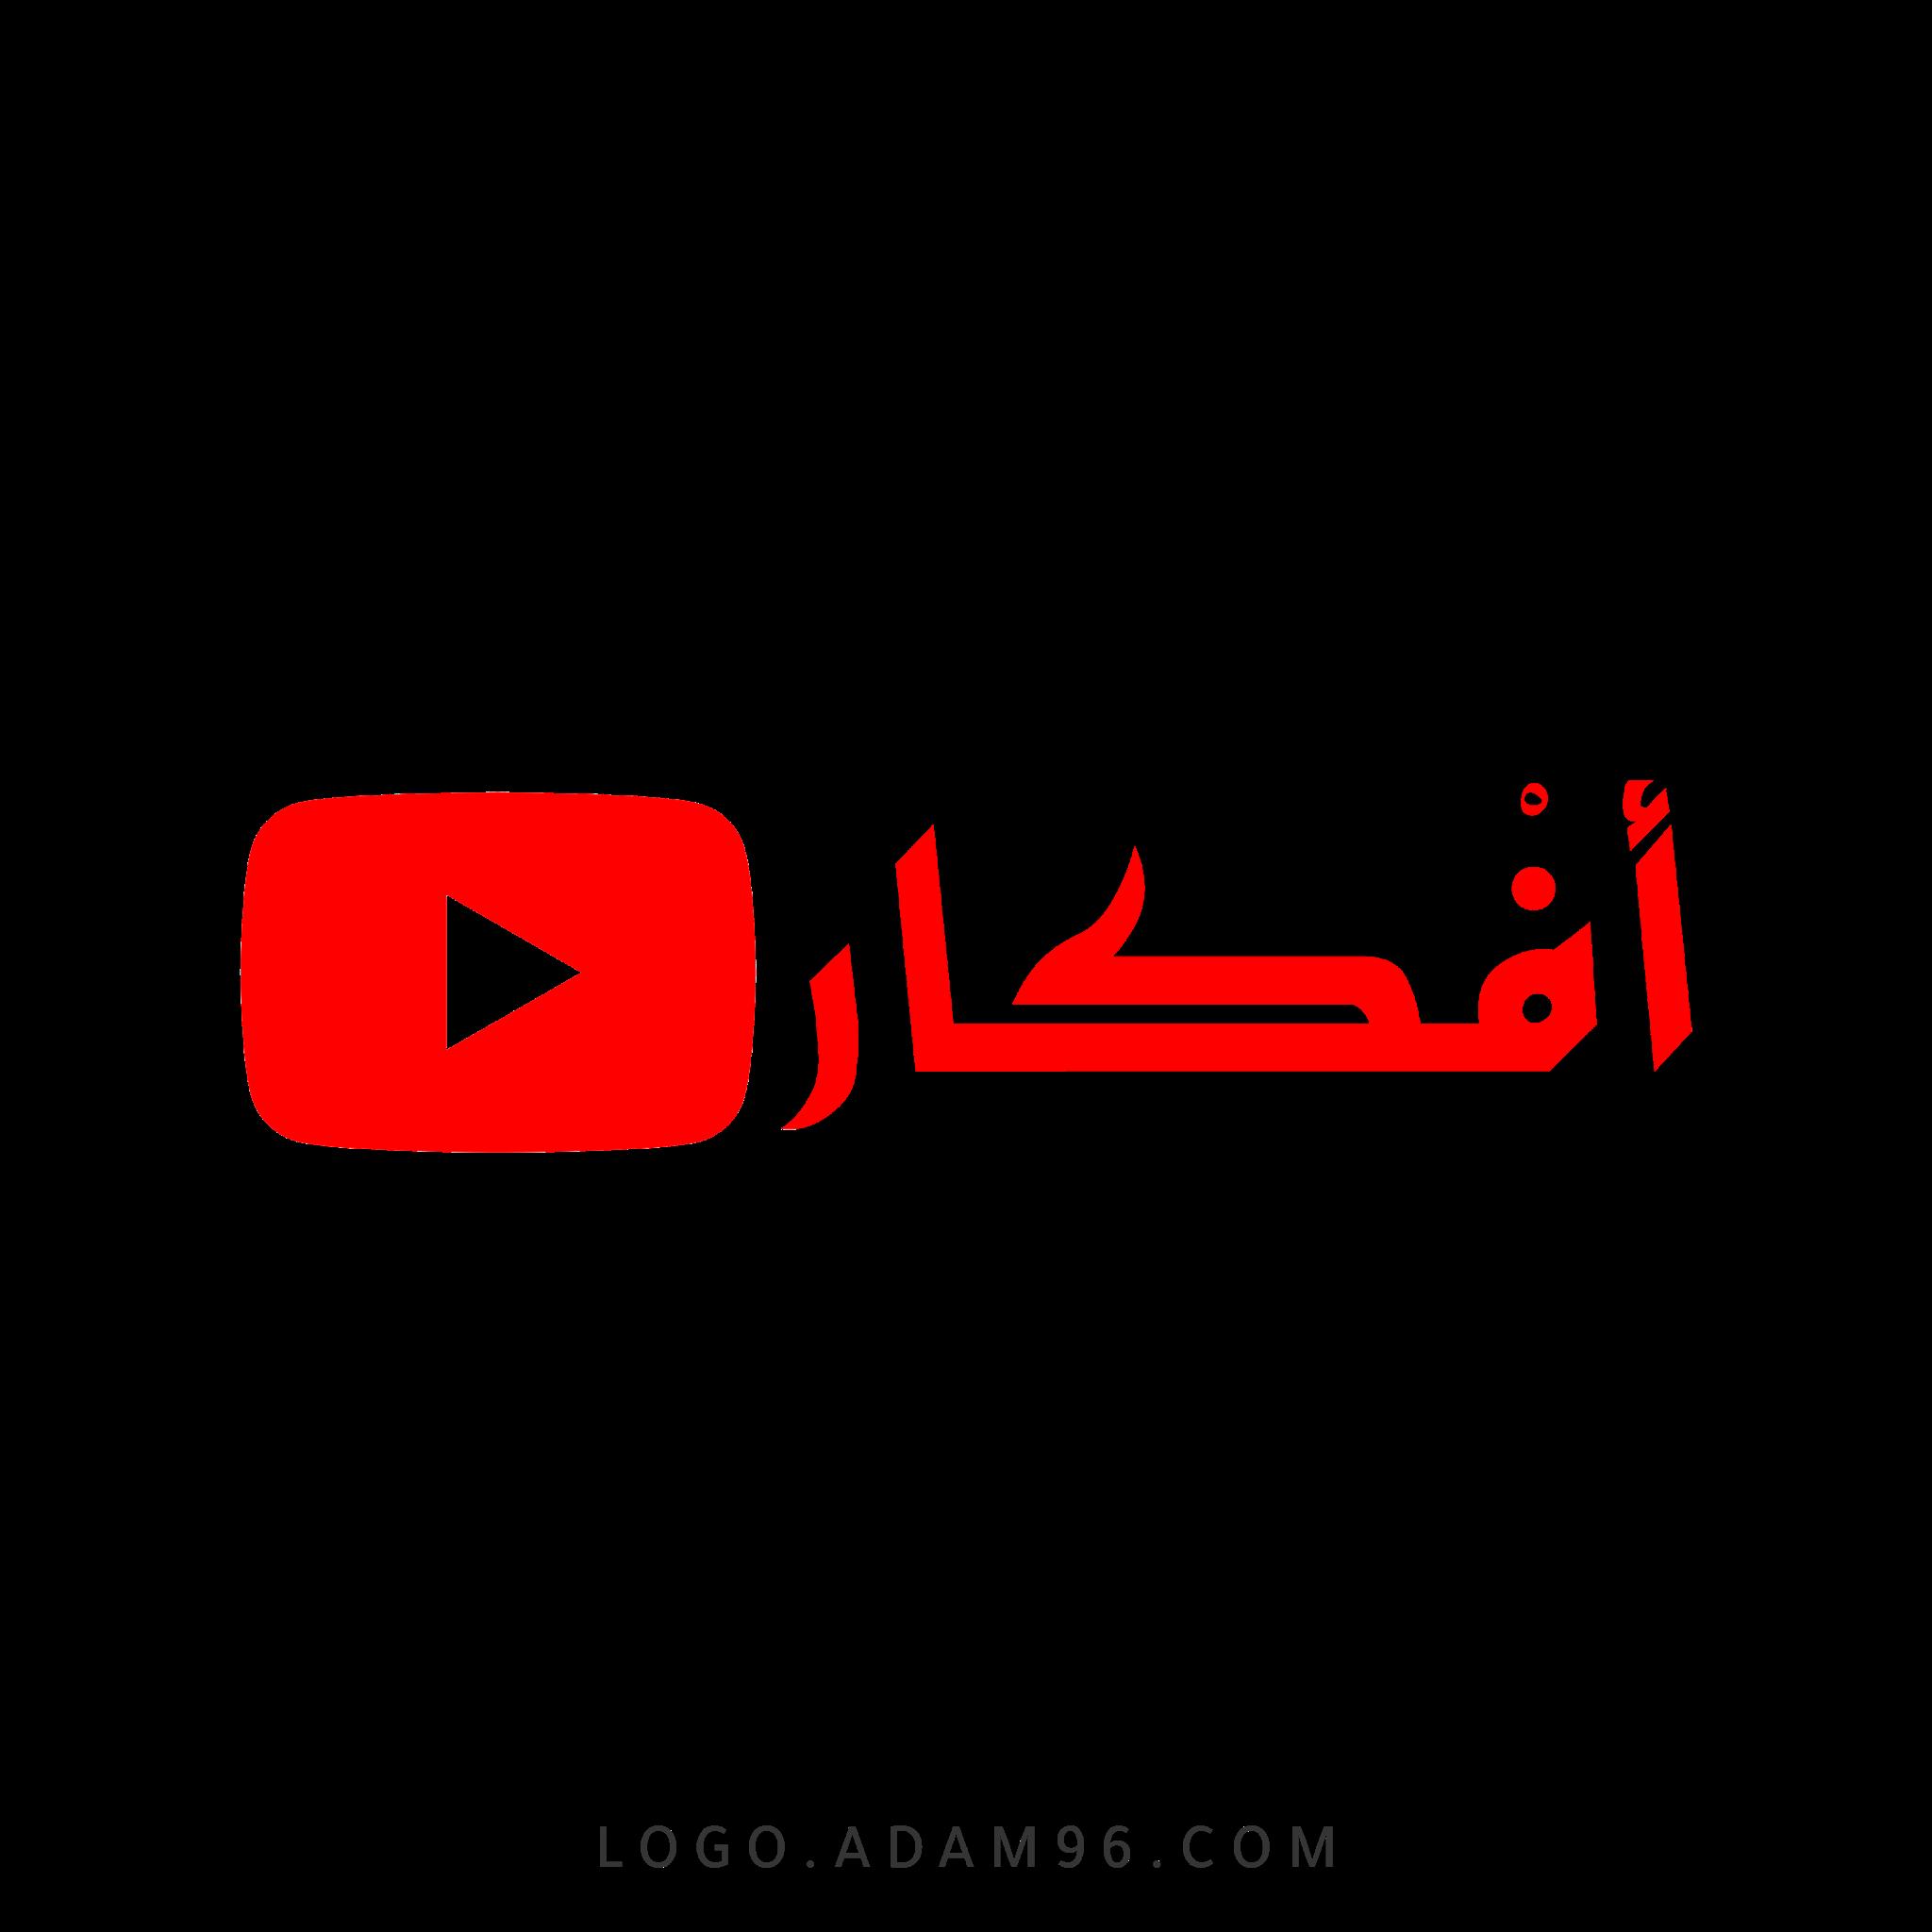 تحميل شعار افكار يوتيوب الرسمي لوجو عالي الجودة بصيغة PNG